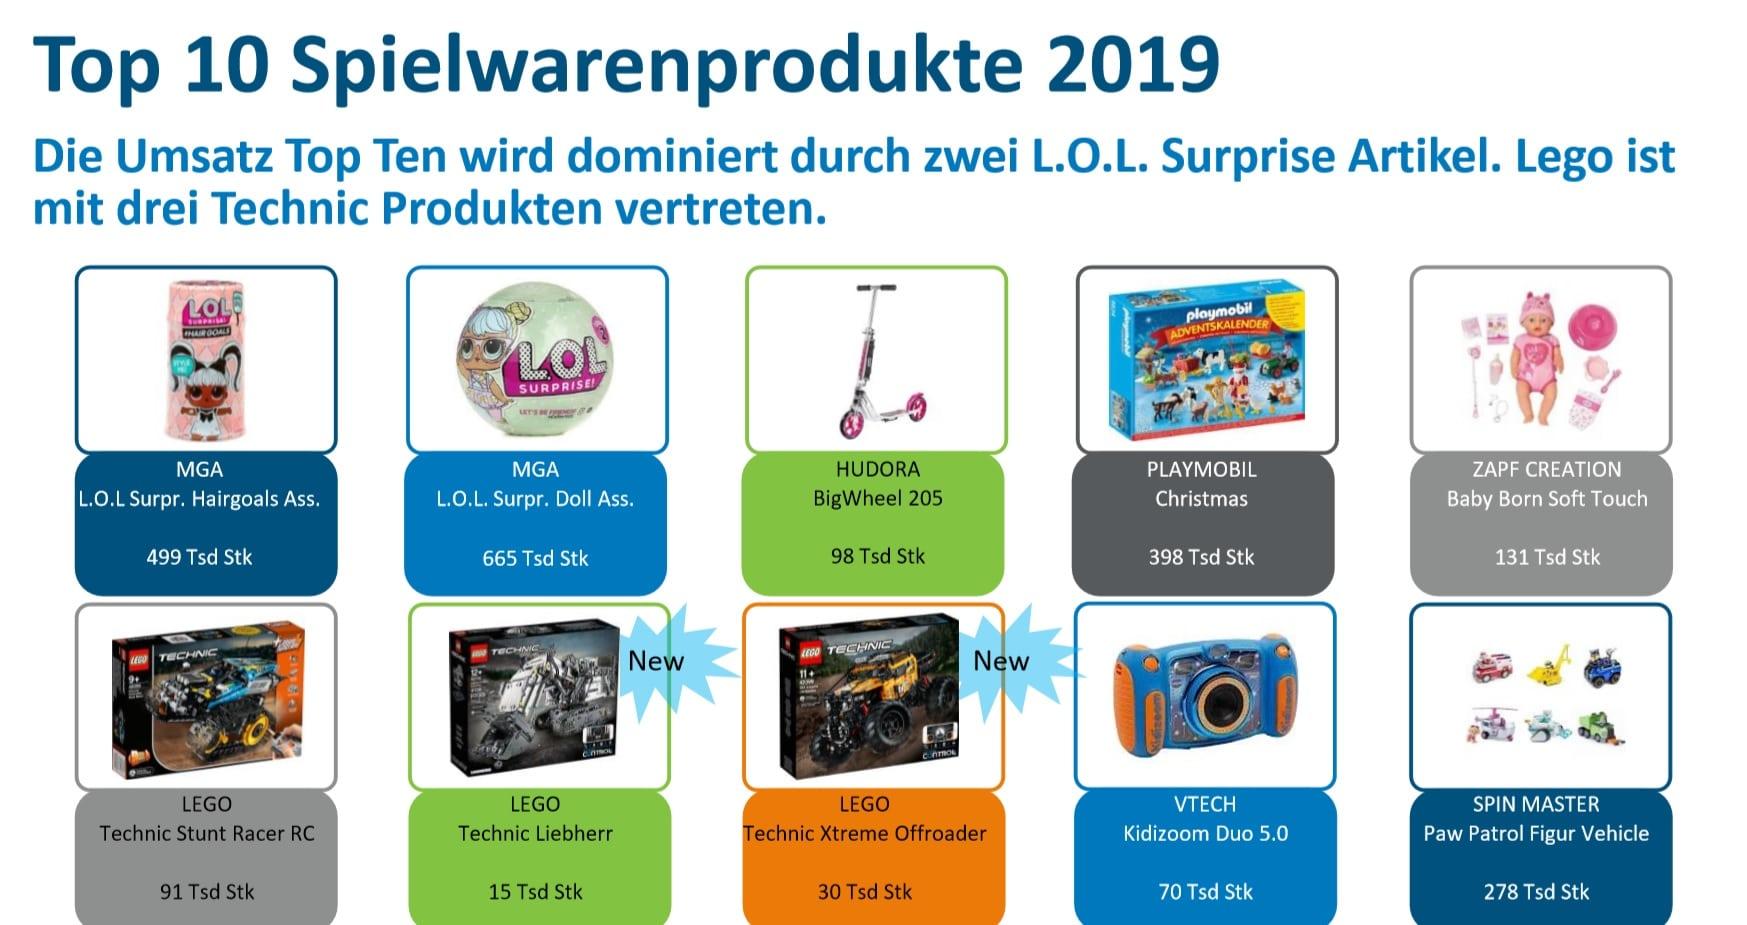 Spielwarenmesse 2020: Top 10 Spielwarenprodukte 2019: Die Umsatz Top 10 wird dominiert durch zwei L.O.L. Suprise Artikel. LEGO ist mit drei Technic Produkten vertreten.